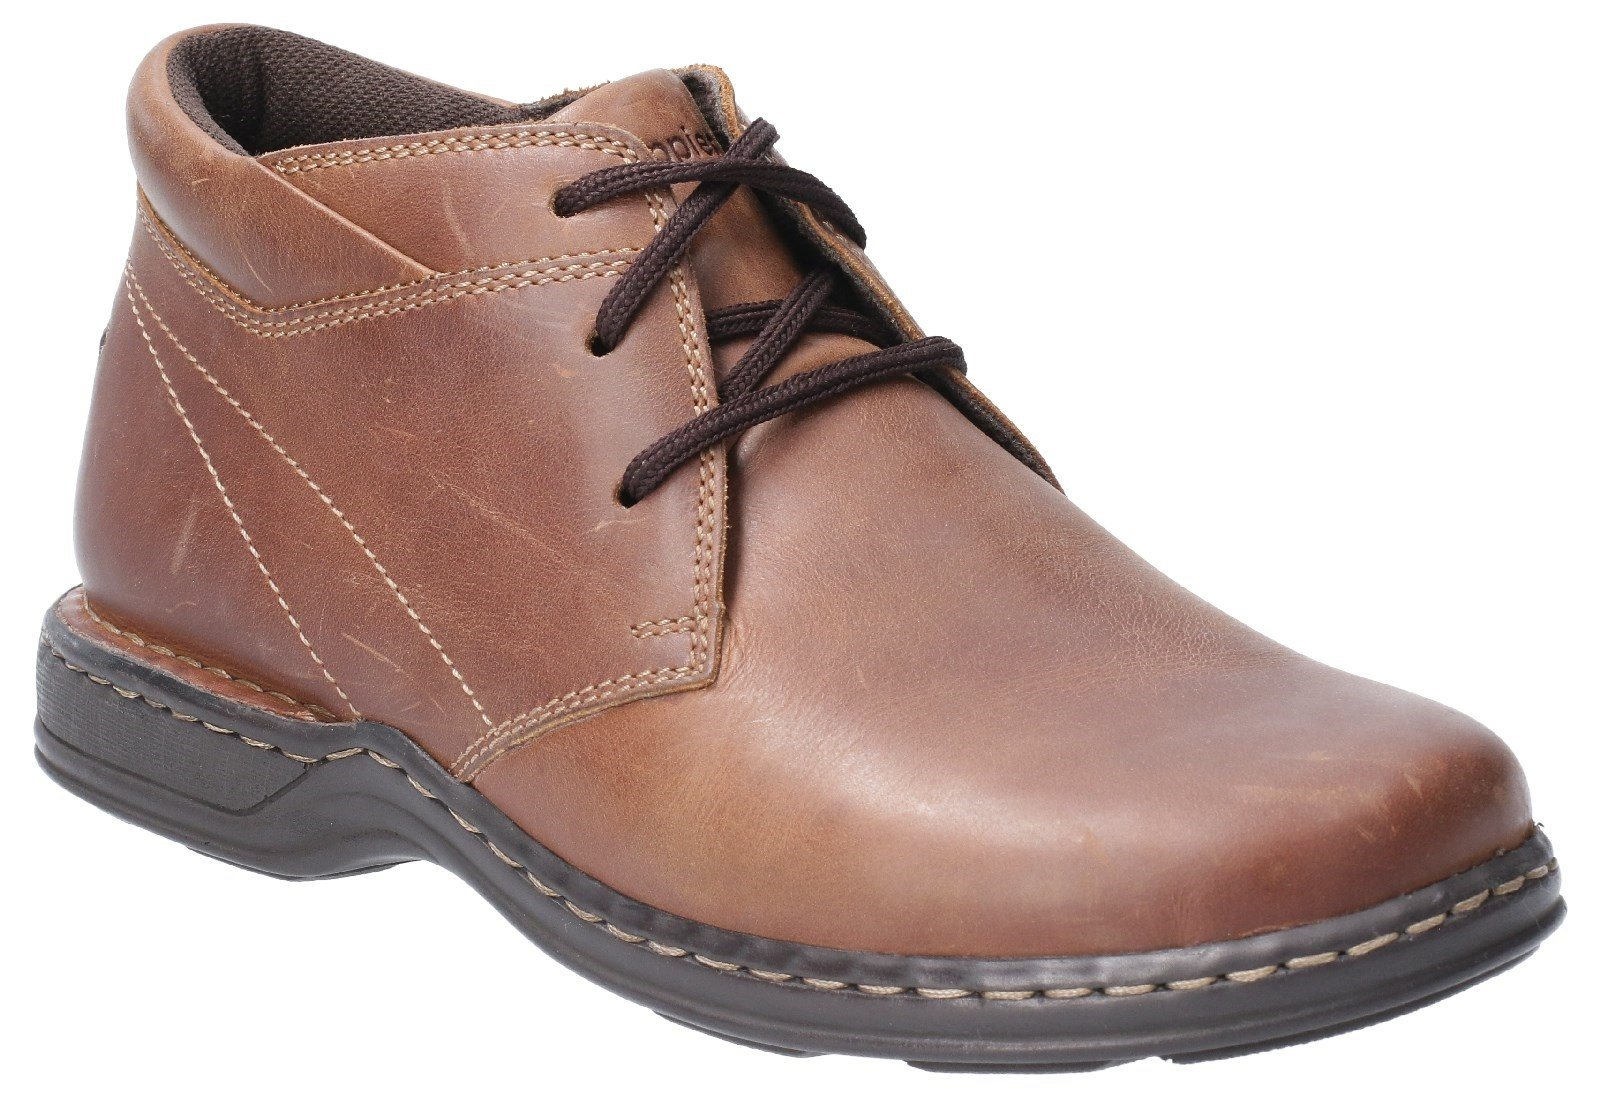 Hush Puppies Men's Reggie Lace Up Shoe Various Colours 29171 - Brown 6